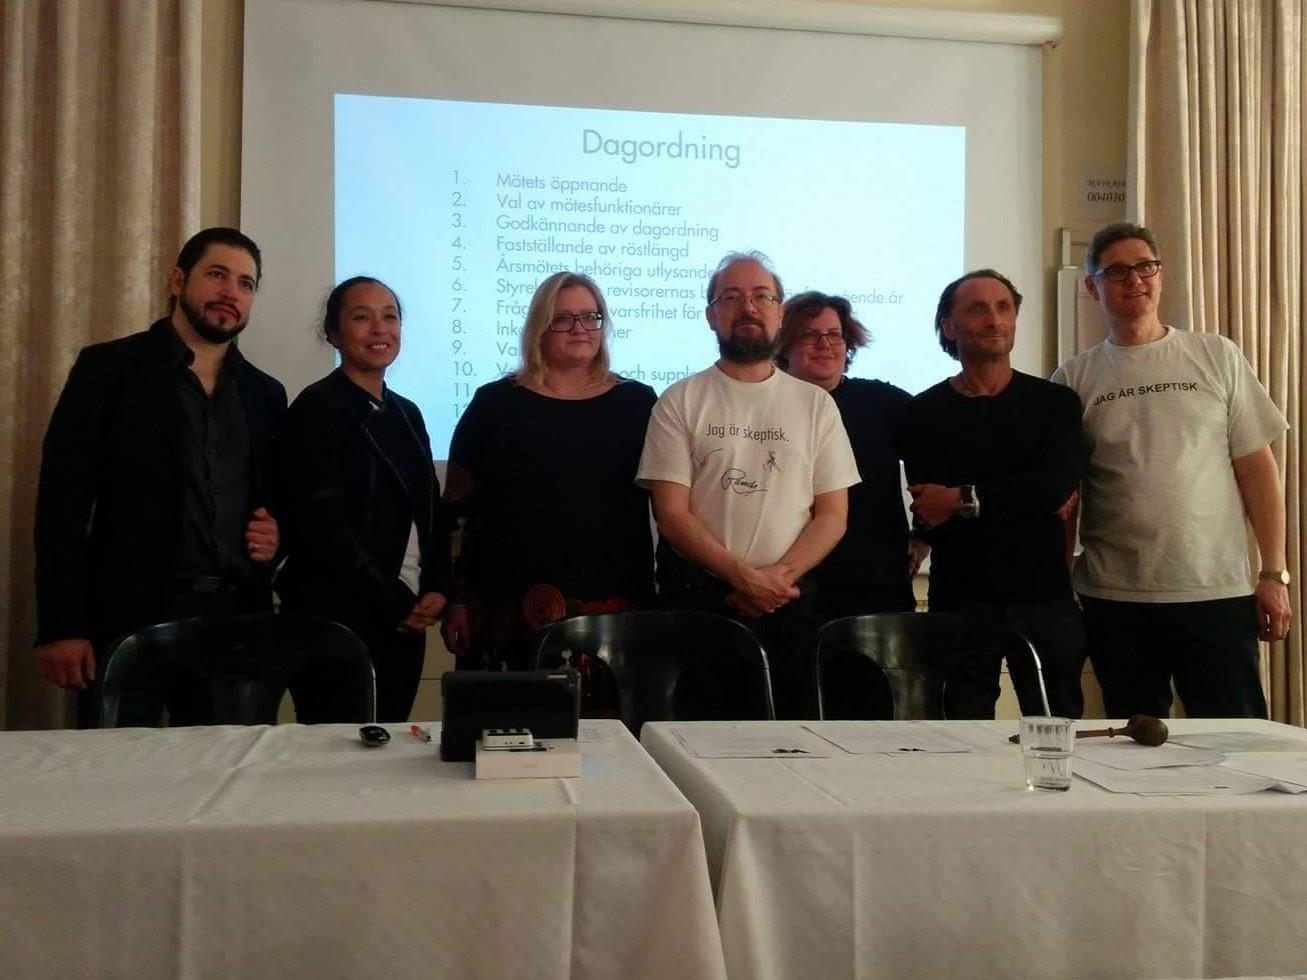 De närvarande från nya riksstyrelsen vid årsmötet 25 mars 2017. Adrian Lozano, Linda Hedman, Karin Karlsson, Peter Olausson, Eva Daskalaki, Dan Katz och Pontus Böckman.